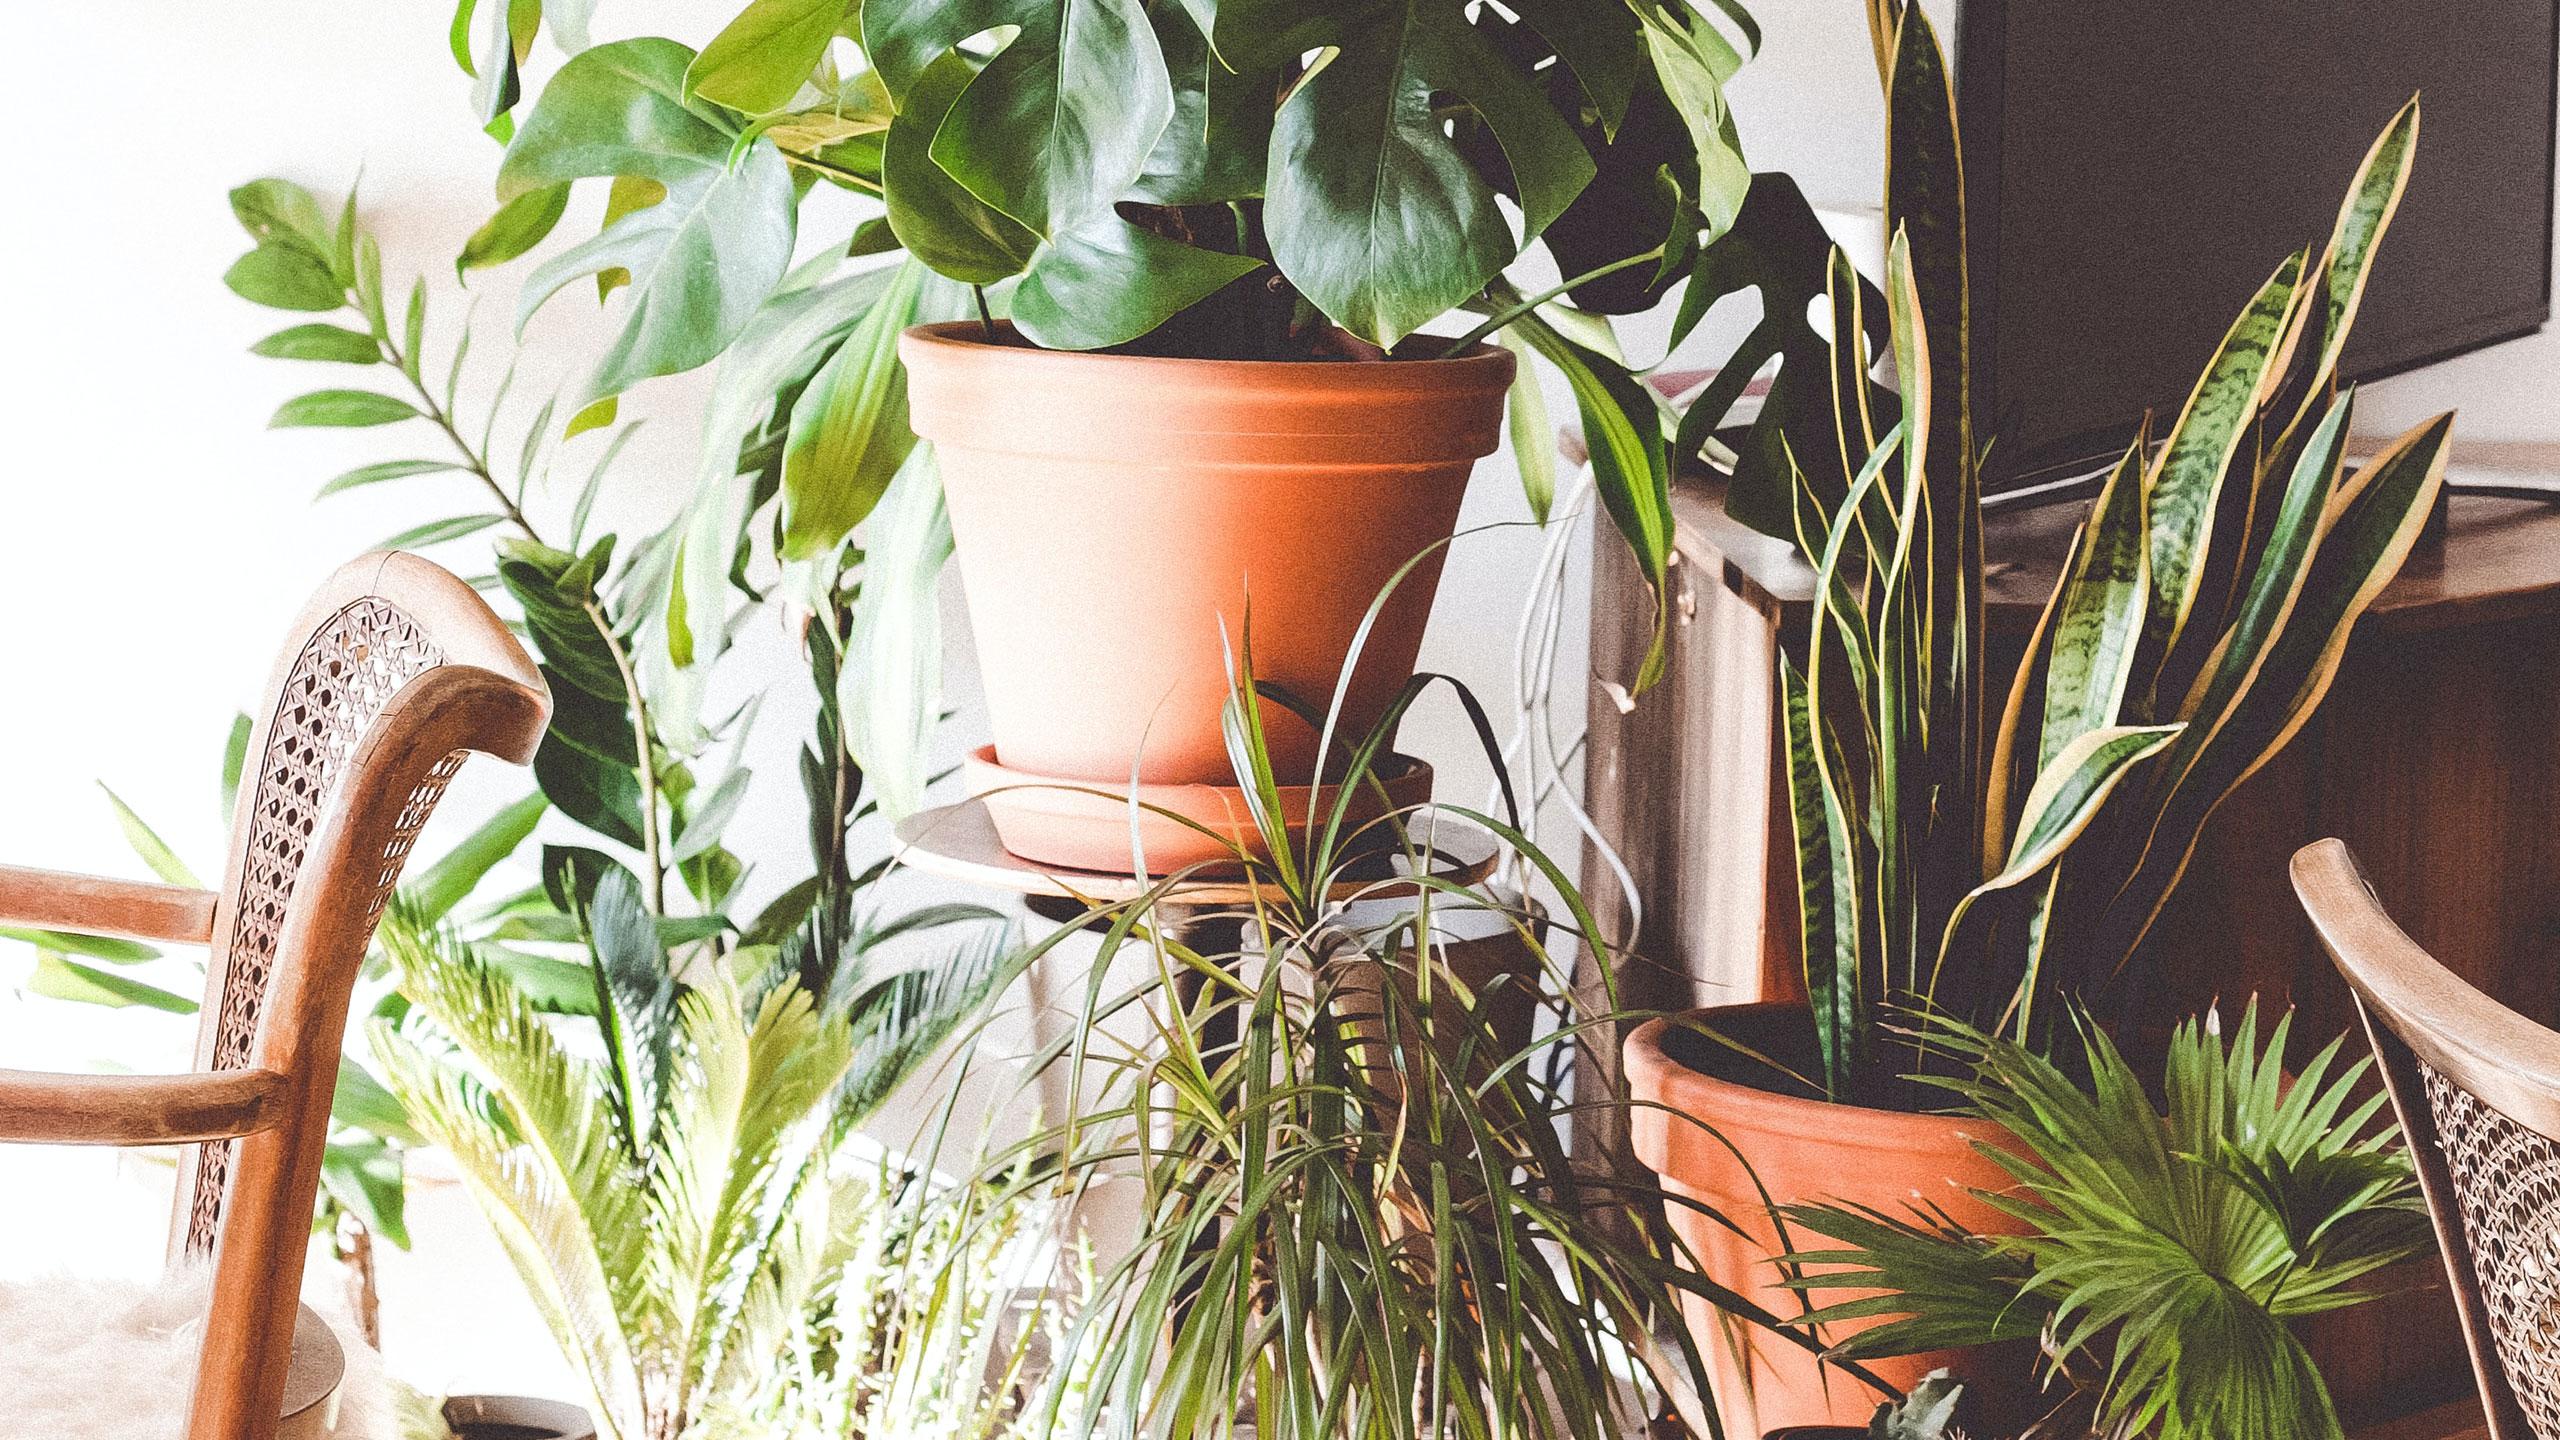 Lättskötta krukväxter